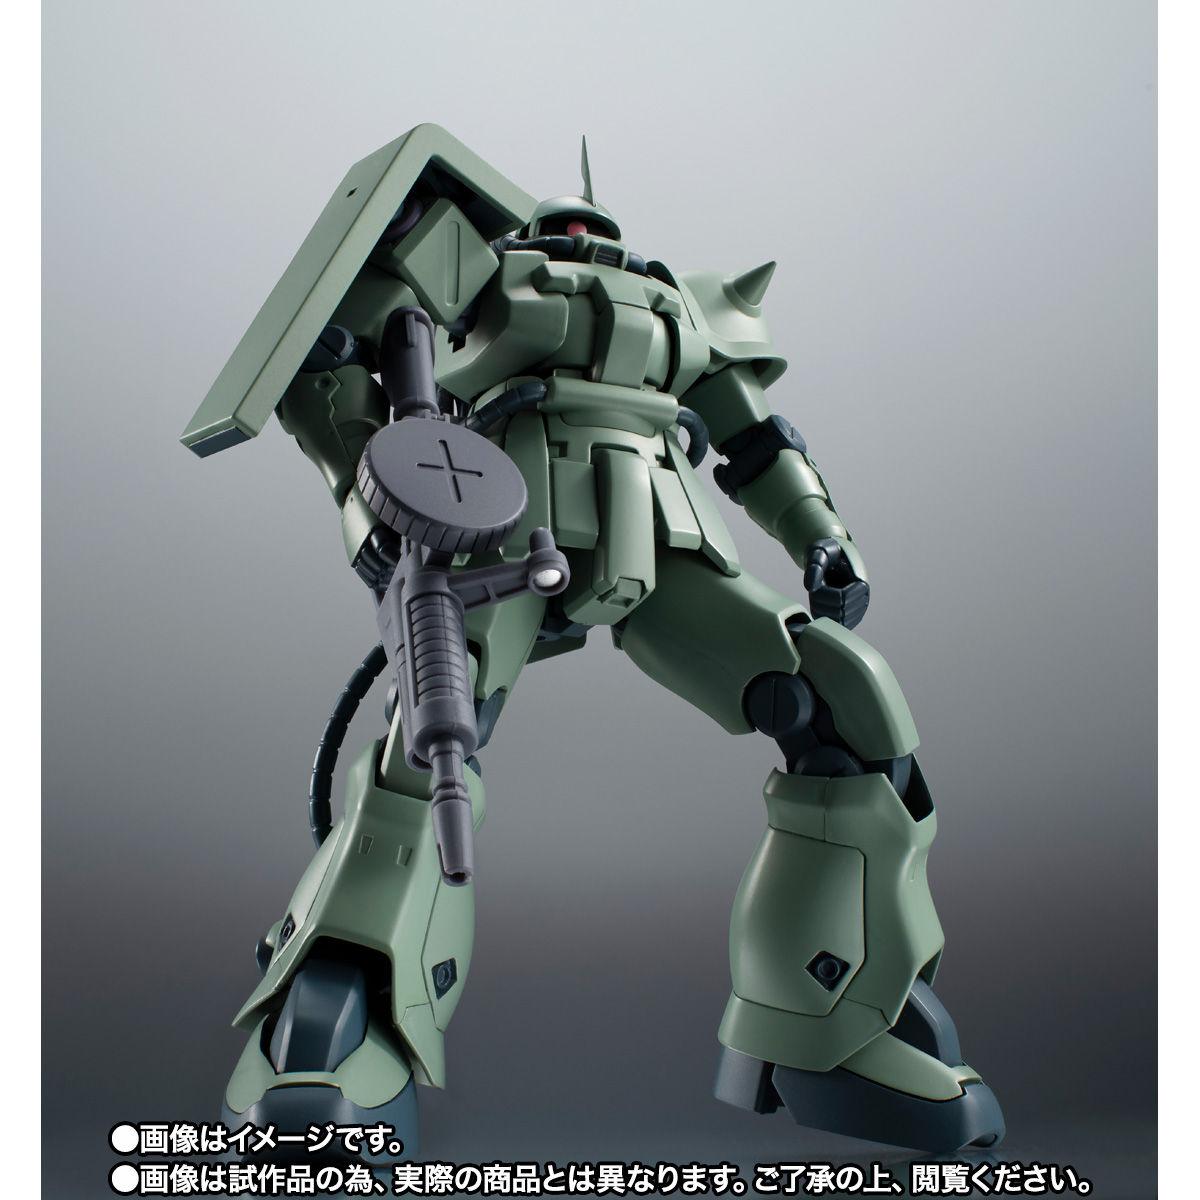 【限定販売】ROBOT魂〈SIDE MS〉『MS-06F-2 ザクII F2型(ノイエン・ビッター)ver. A.N.I.M.E.』ガンダム0083 可動フィギュア-008